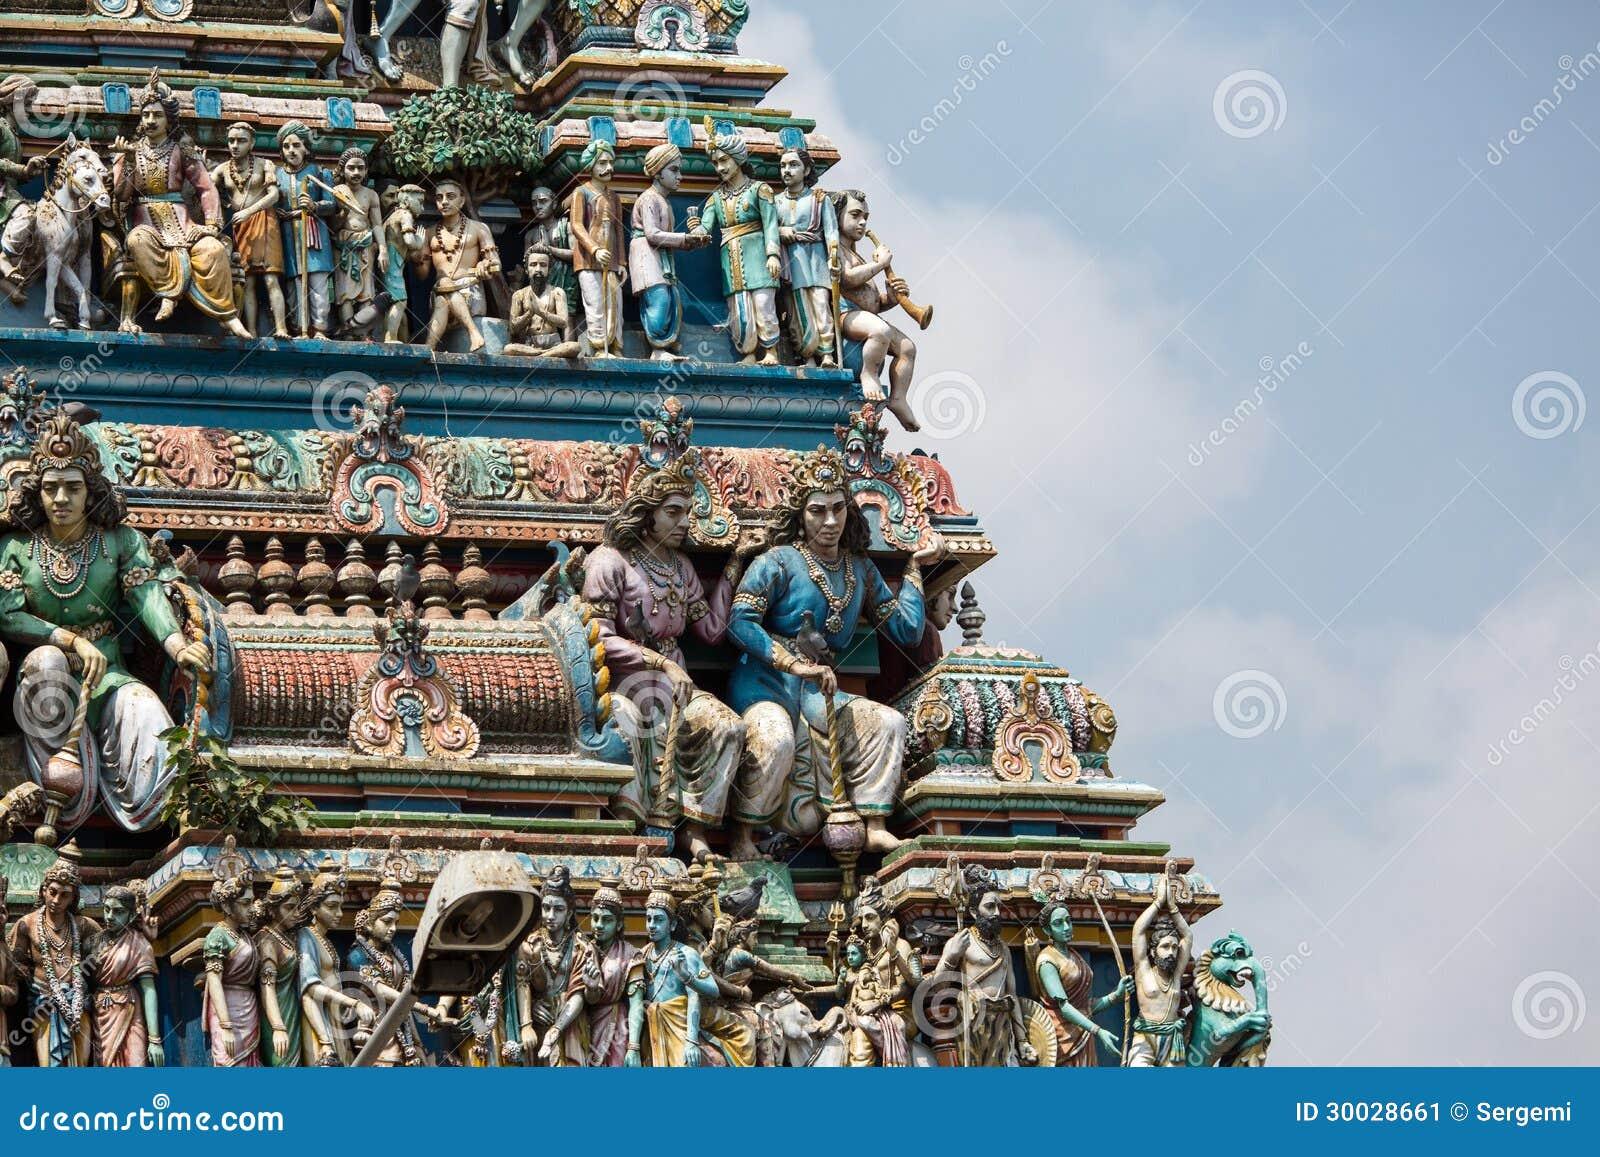 Kapaleeswarar Koil